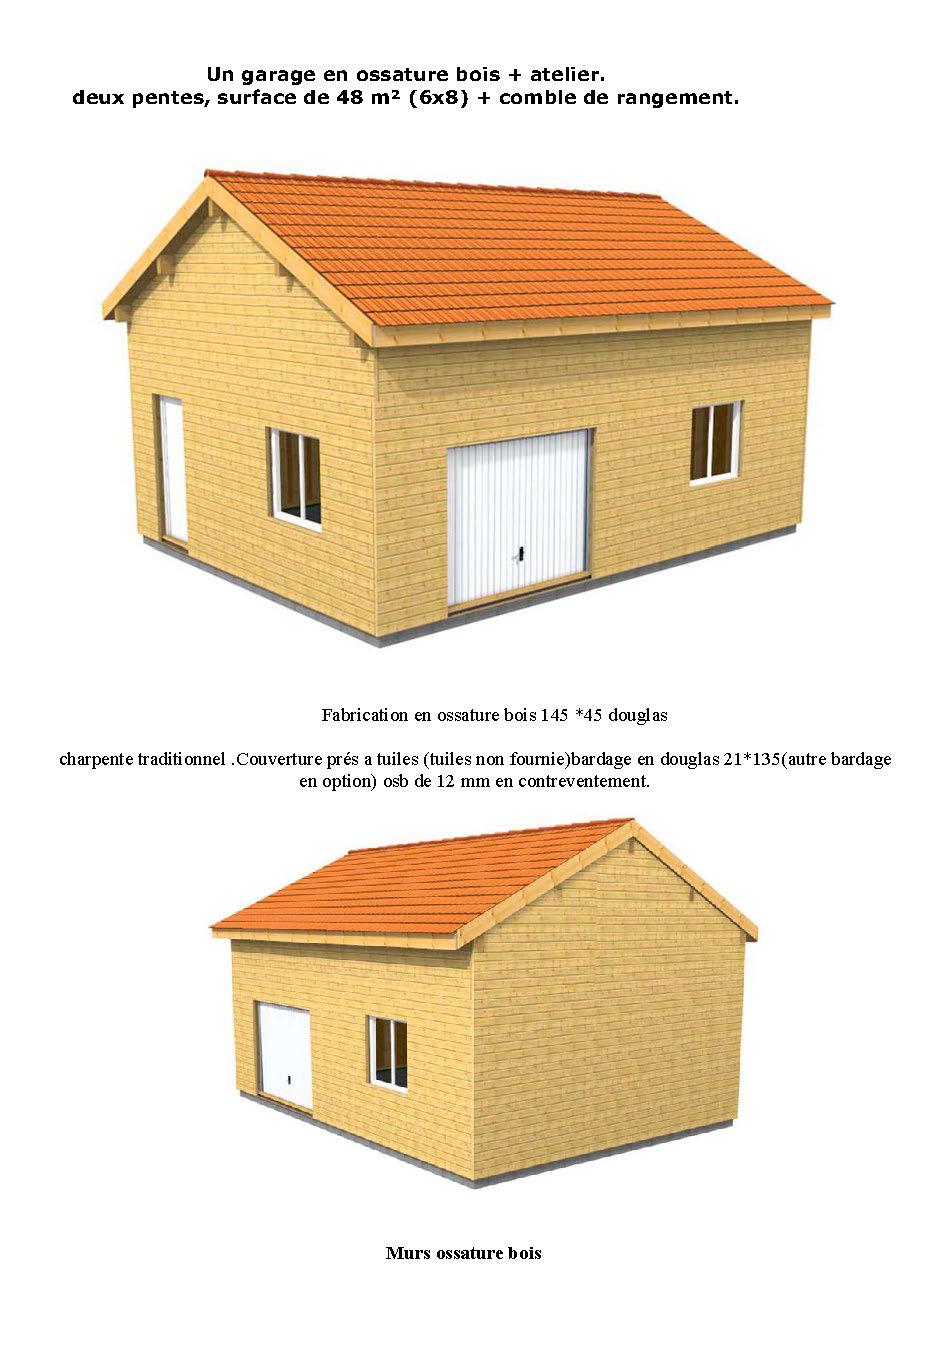 Un garage en ossature bois + atelier 42 M²_Page_1